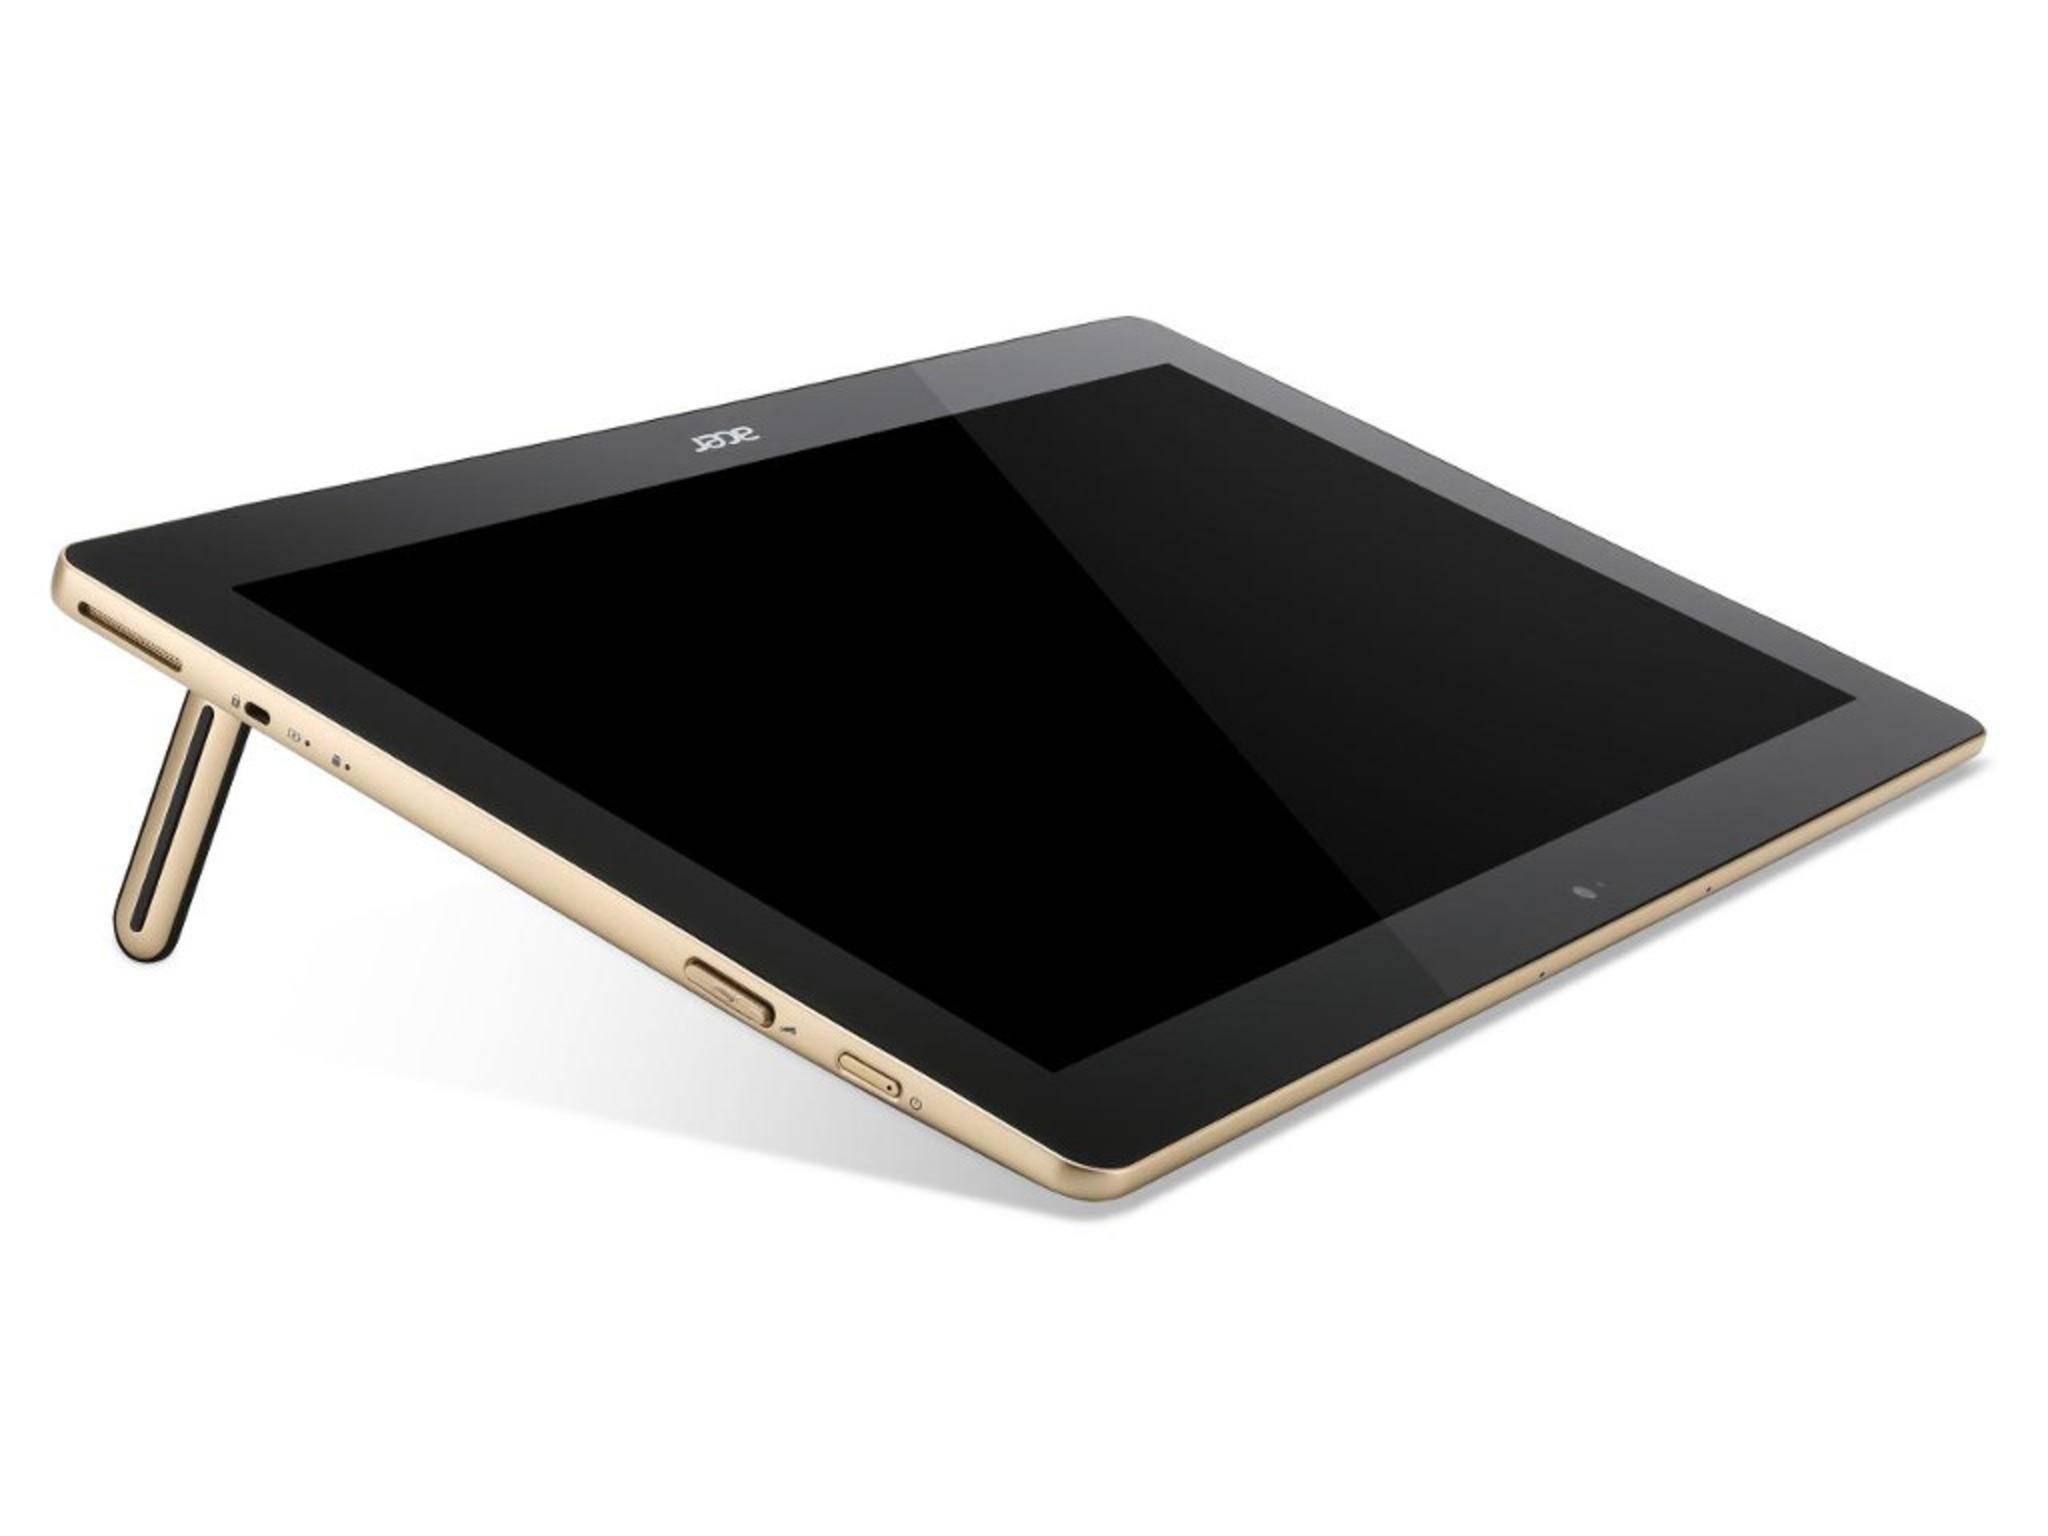 ...und ein Tablet mit Stylus-Support.